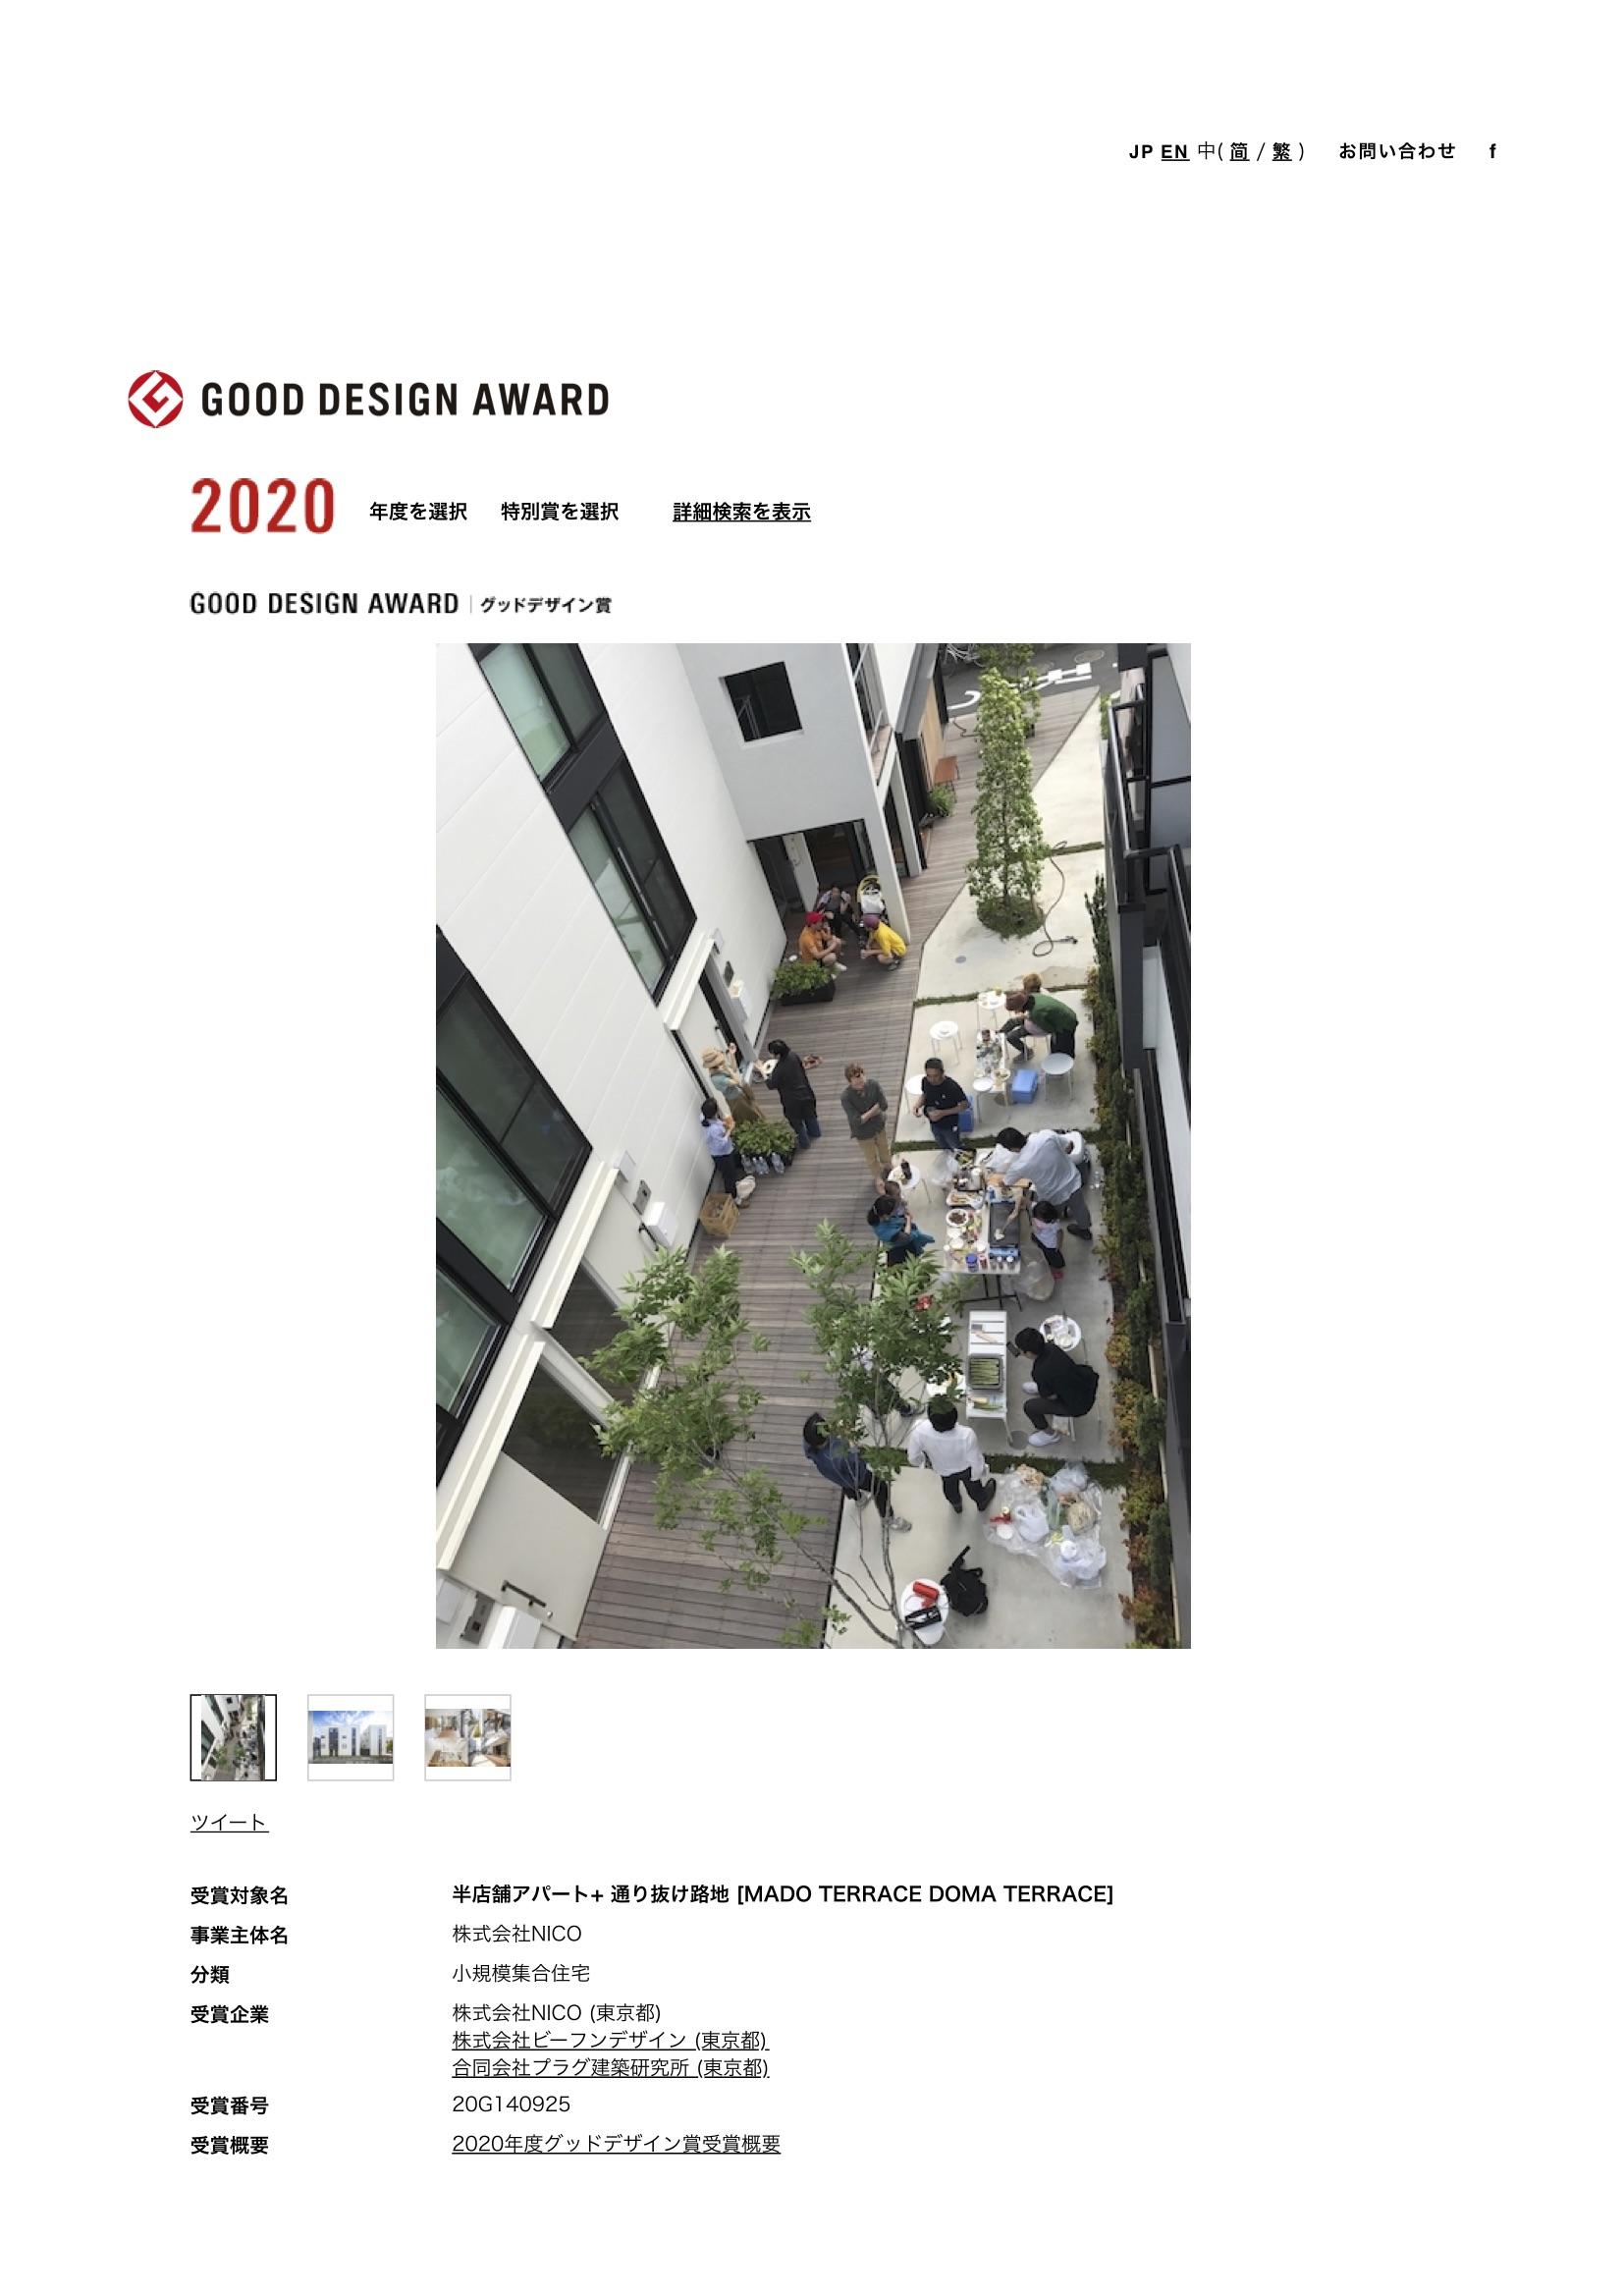 半店舗アパート+ 通り抜け路地 [MADO TERRACE DOMA TERRACE] _ 受賞対象一覧 _ Good Design Award